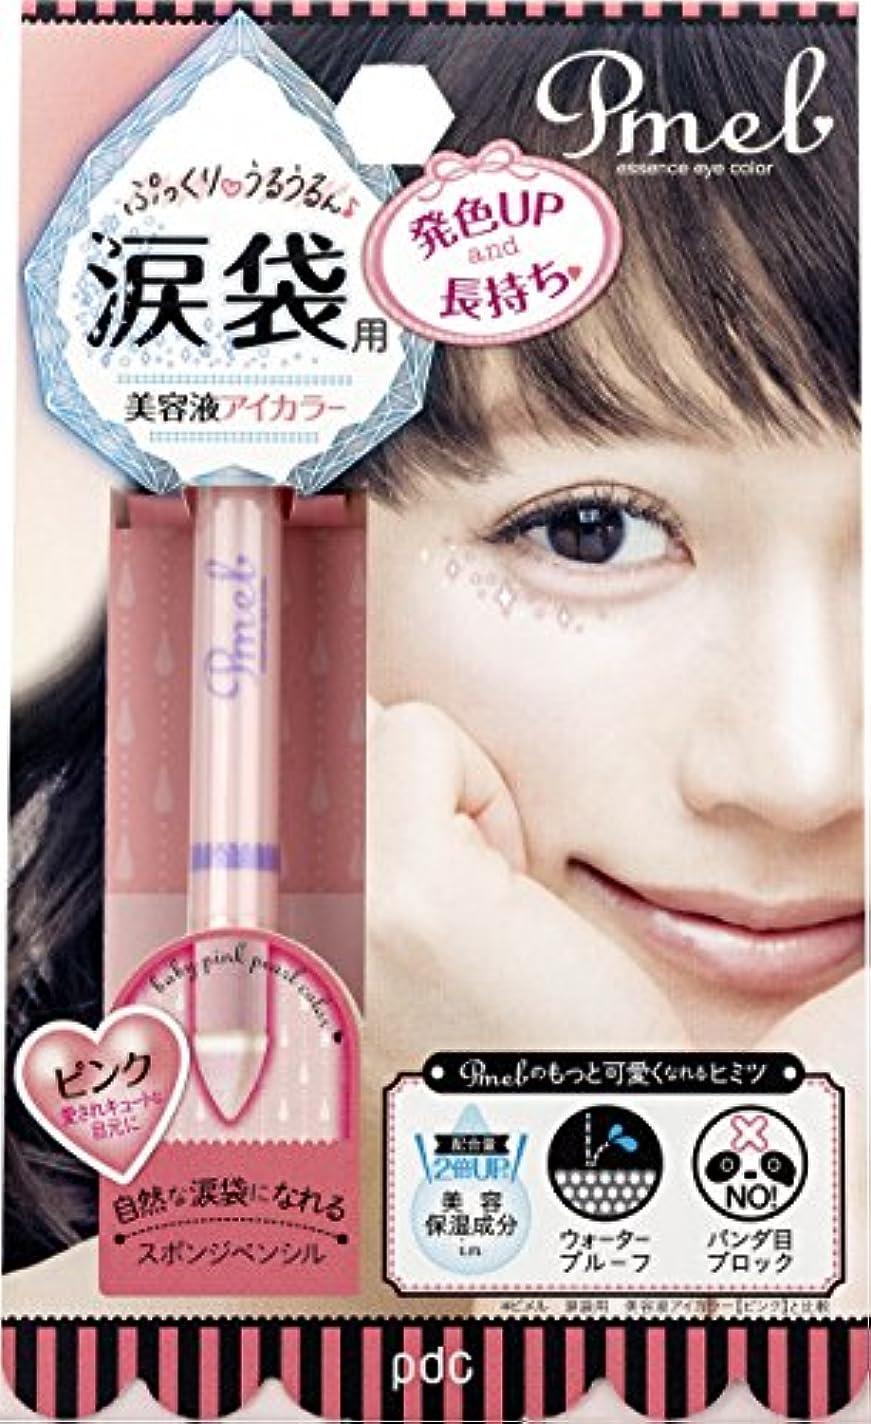 反論筋シニスピメル 涙袋用 美容液アイカラー ピンク